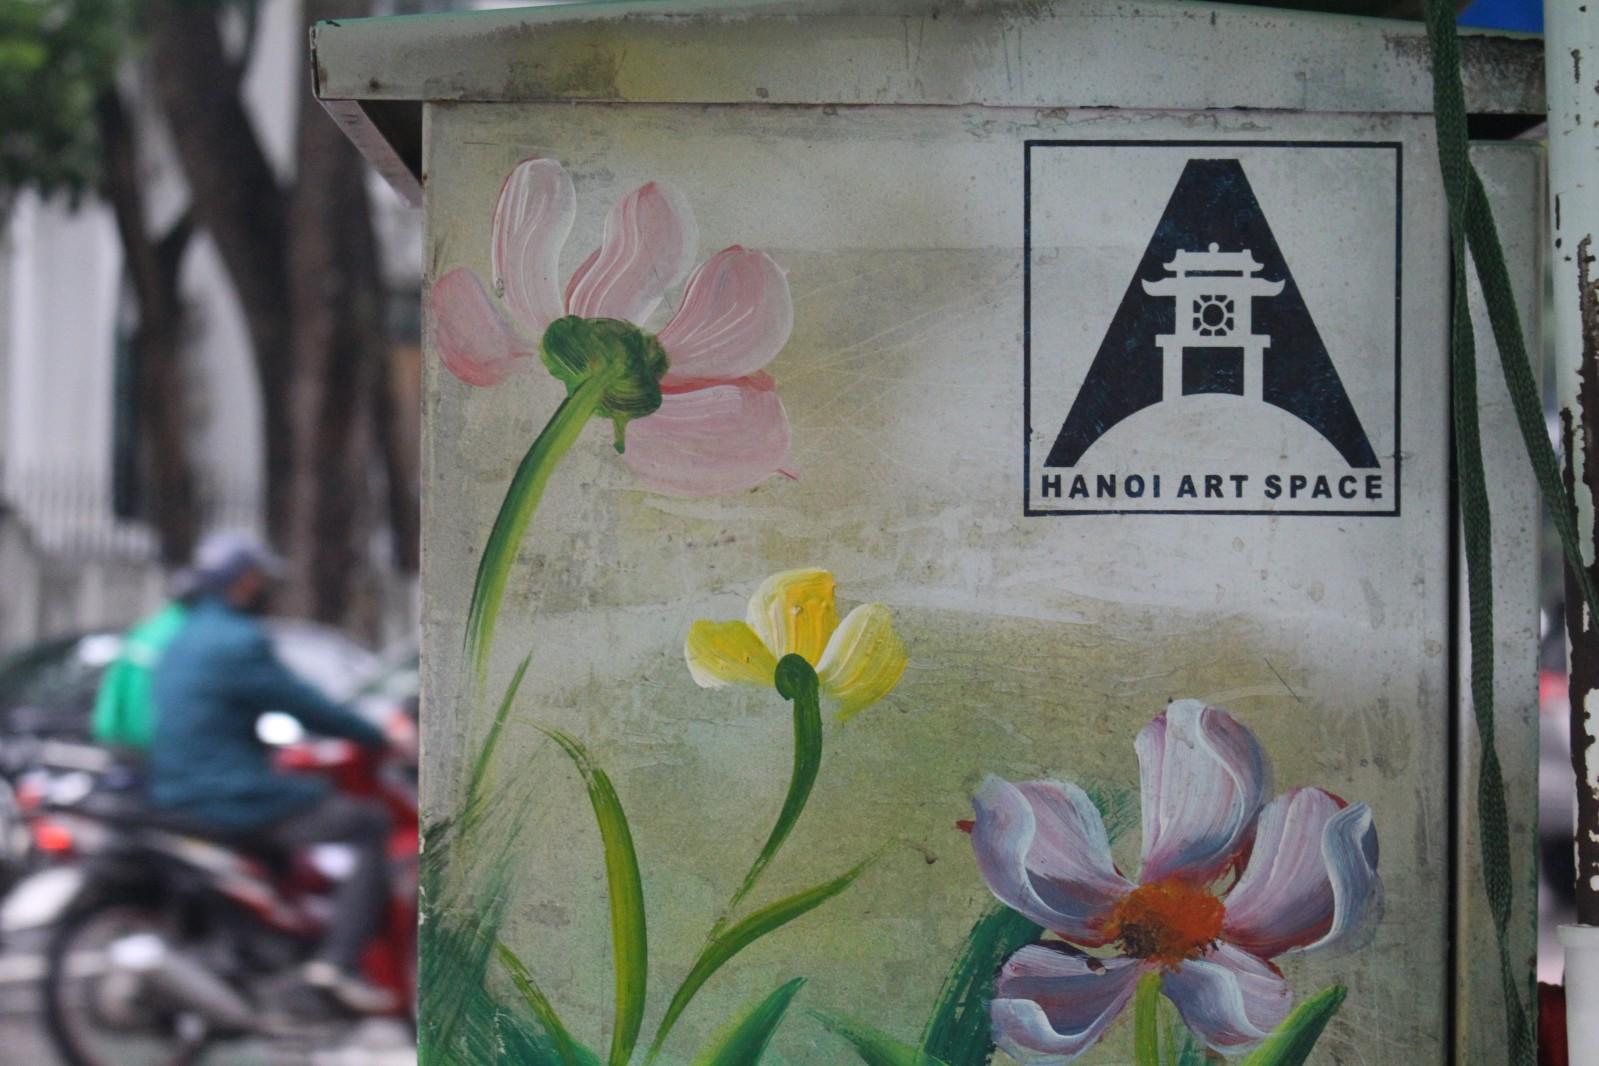 Với mục đích làm sạch các bốt điện, kêu gọi ý thức người dân, mong muốn mọi người không dán quảng cáo lên những bốt điện CLB Hanoi Art Space đã tình nguyện tham gia vẽ, mang đến bộ mặt hợp với mỹ quan đô thị hơn cho các bốt điện